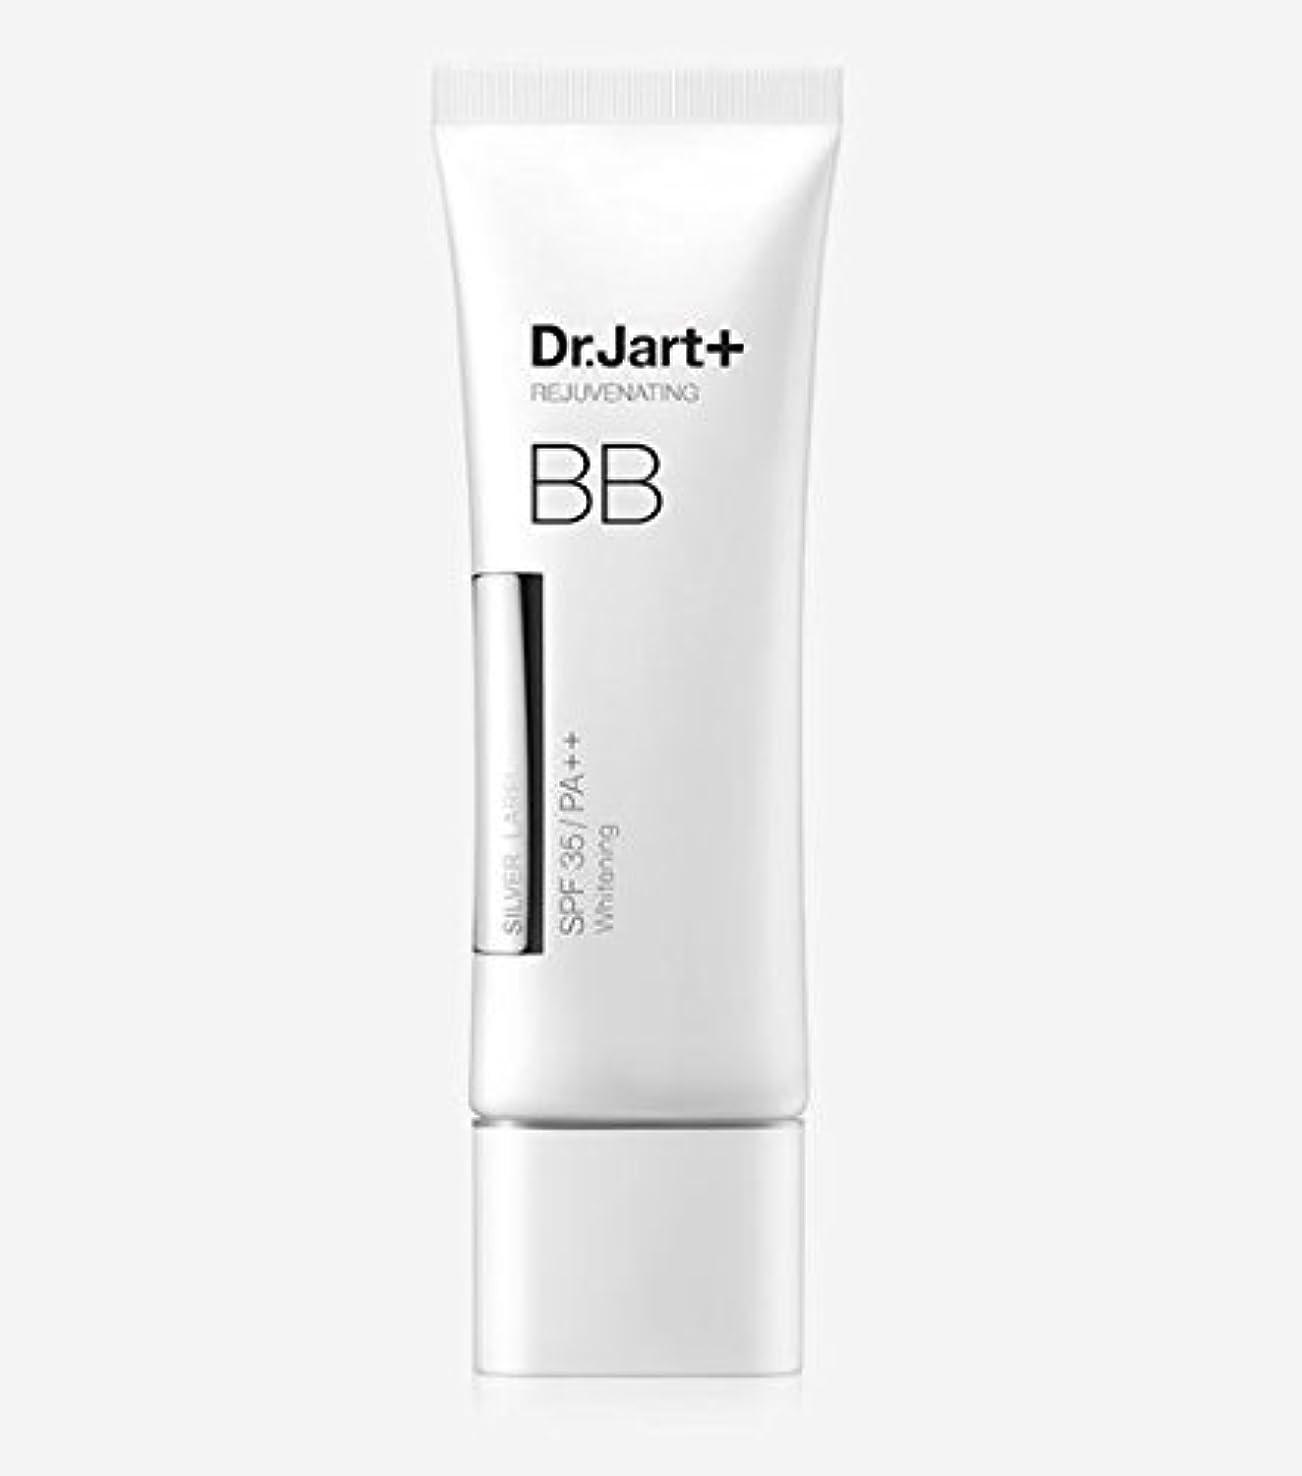 ミニ化石鰐[Dr. Jart] Silver Label BB Rejuvenating Beauty Balm 50ml SPF35 PA++/[ドクタージャルト] シルバーラベル BB リジュビネイティング ビューティー バーム...